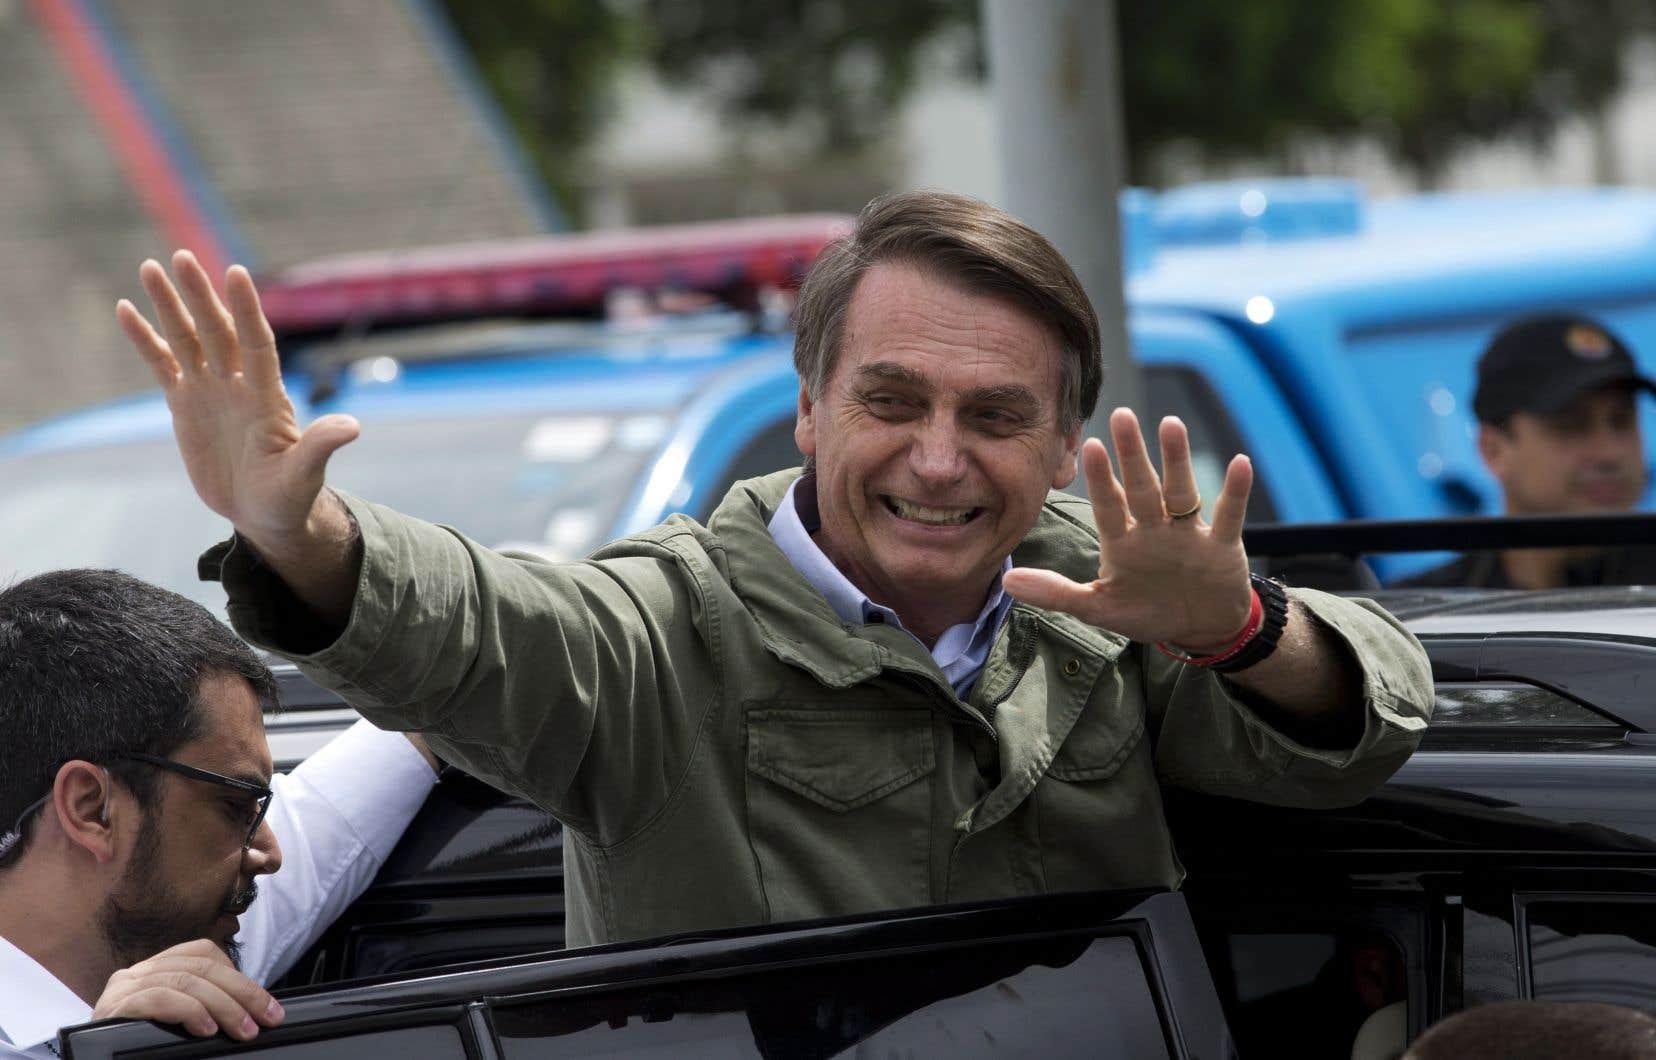 «Bolsonaro a proclamé à de nombreuses reprises ses opinions racistes et homophobes», remarque l'auteur.